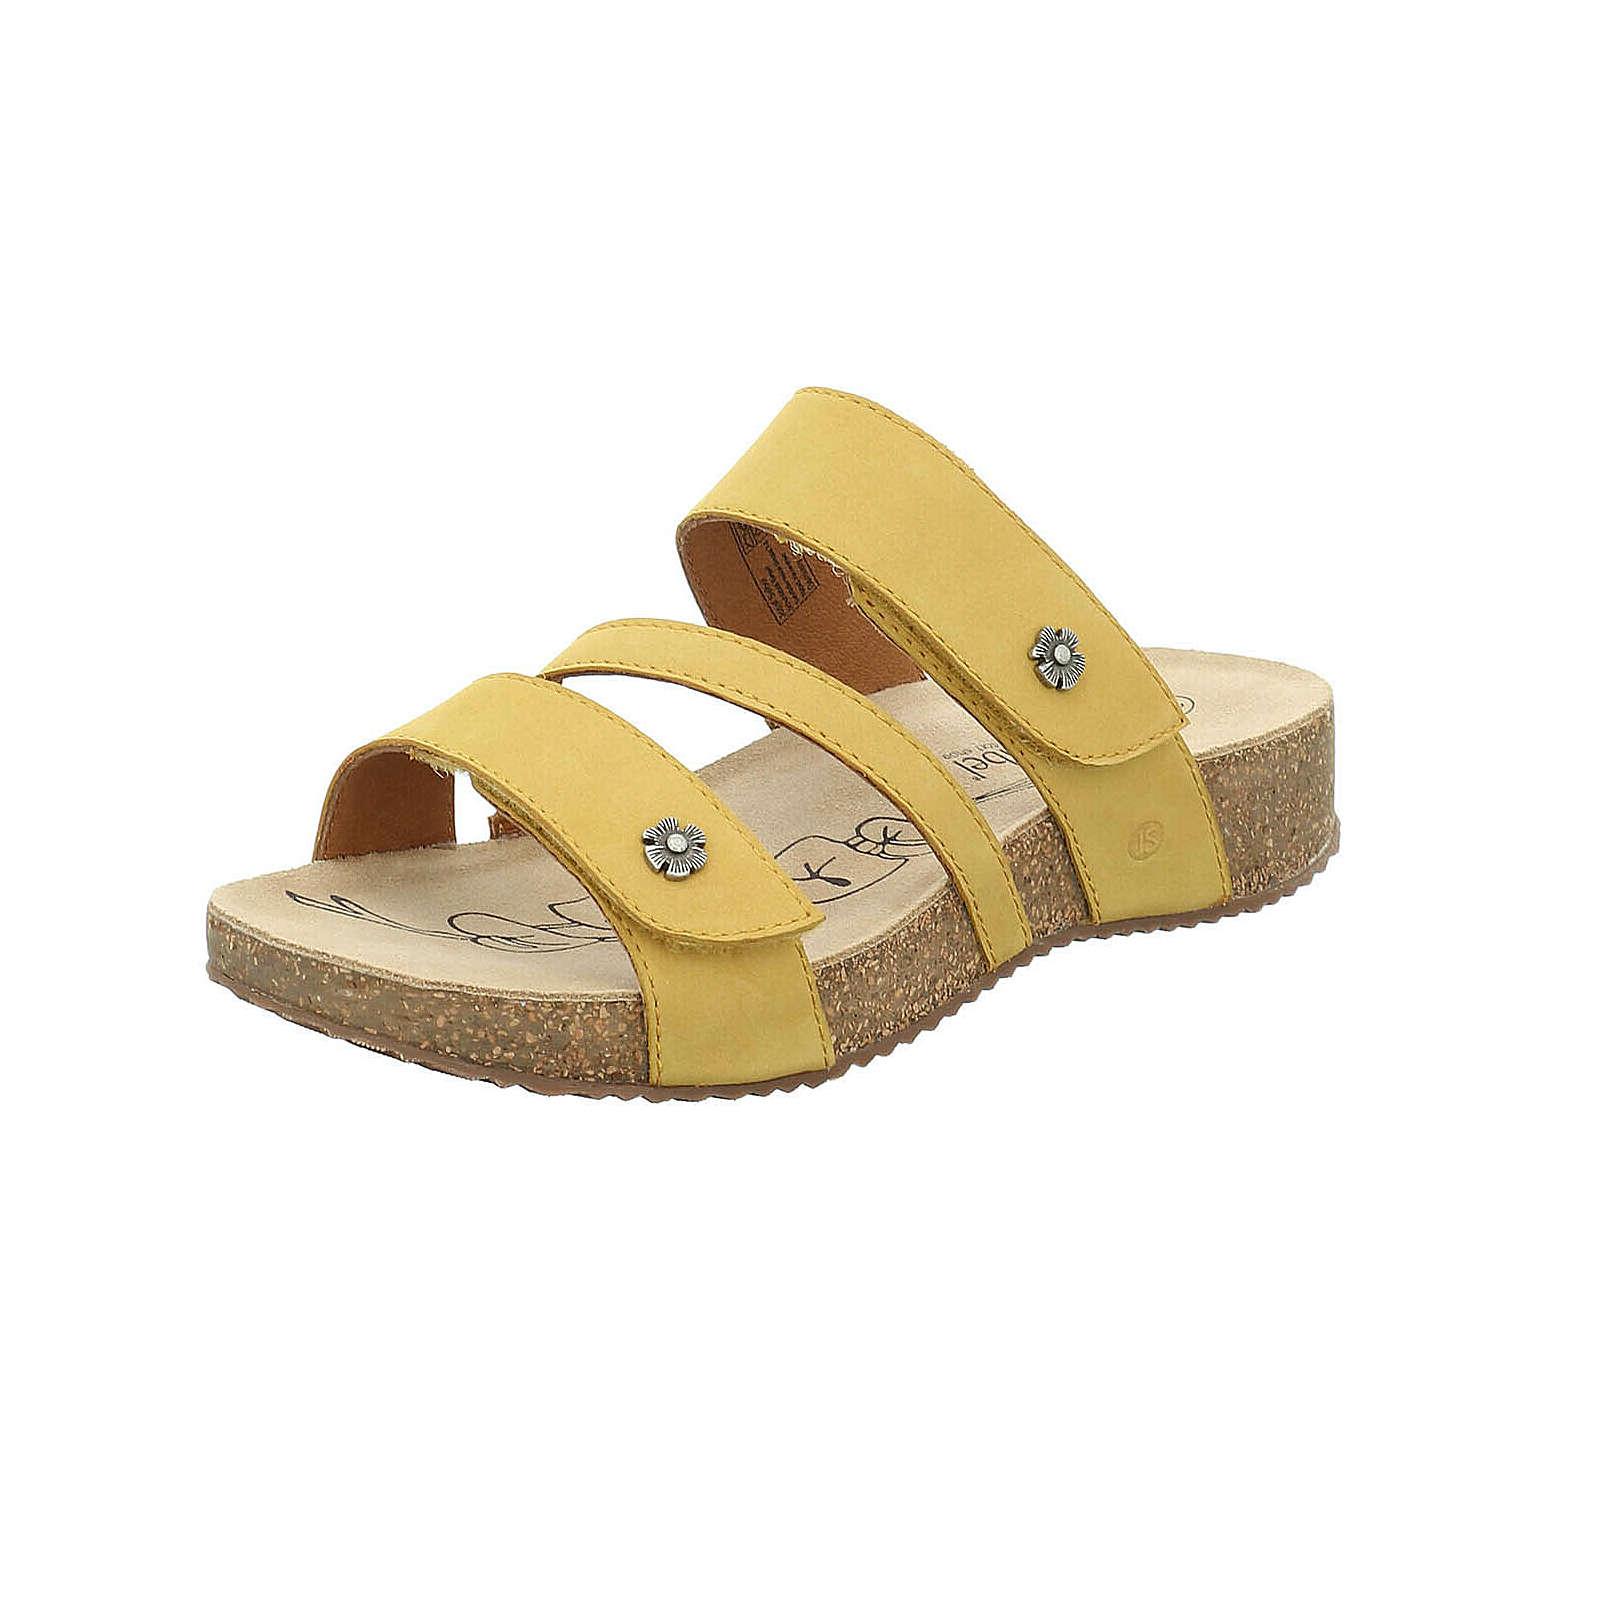 Josef Seibel Sandale Tonga 54 Klassische Sandalen gelb Damen Gr. 36